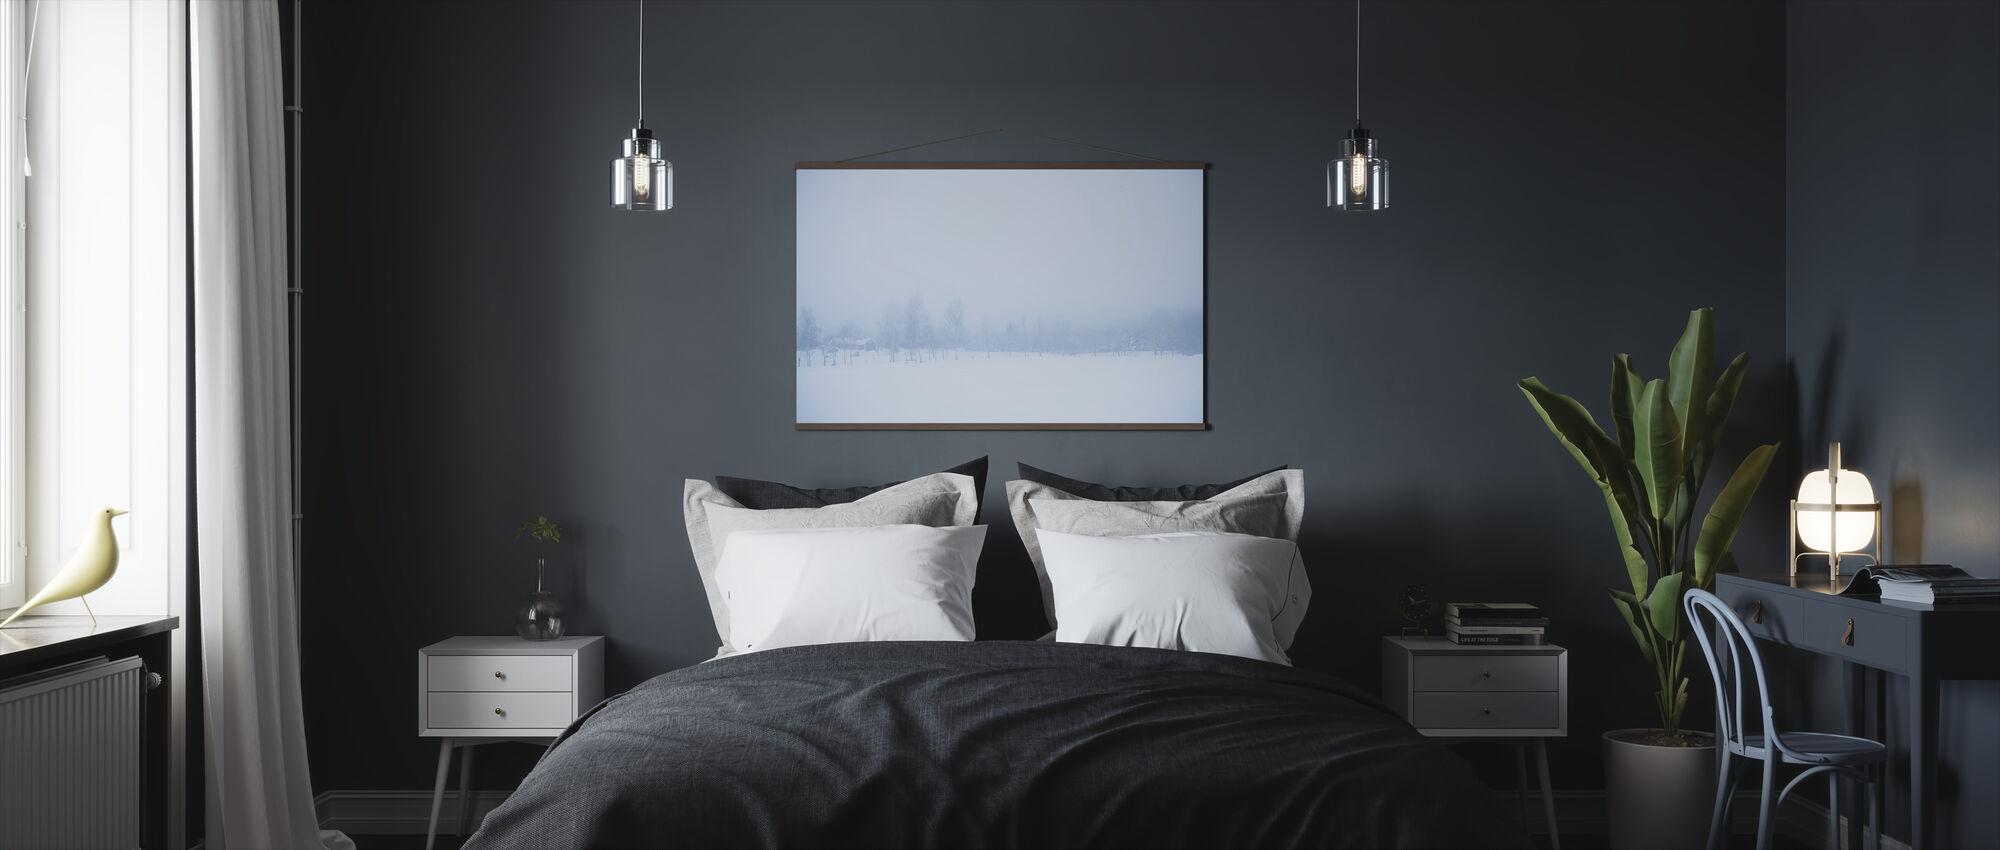 Filipshyttan covered in Fog, Sweden, Europe - Poster - Bedroom